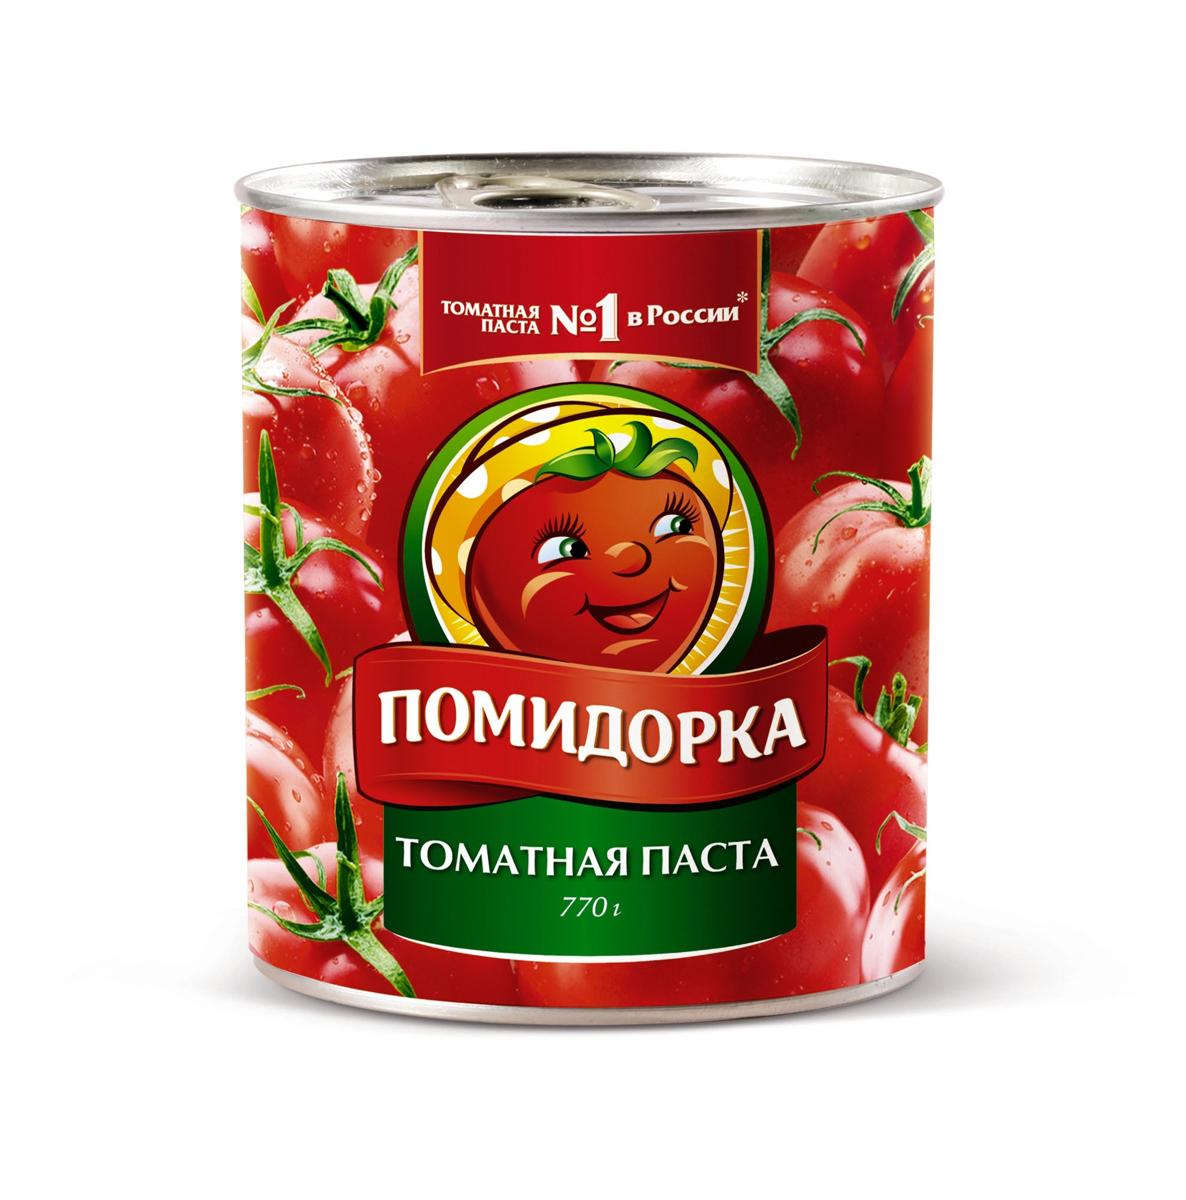 Помидорка Томатная паста, 770 г домашние разносолы томатная паста 380 г